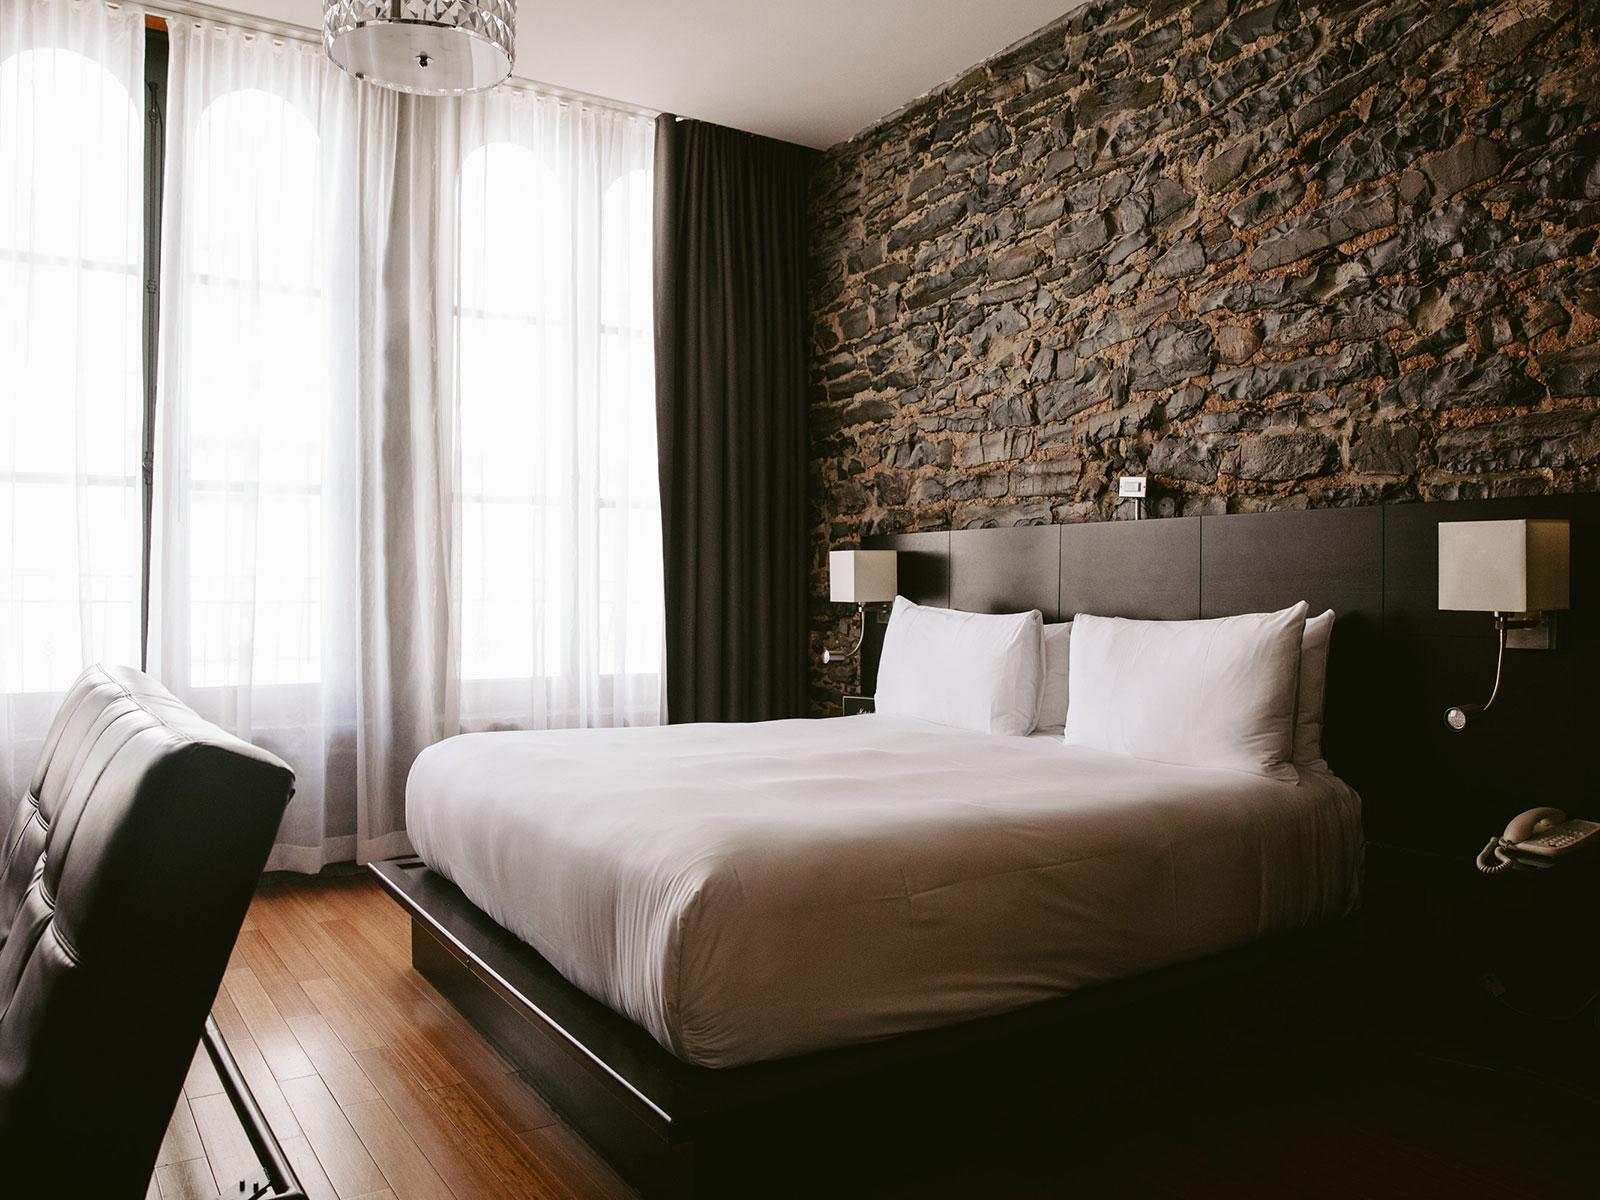 Un lit devant un mur de pierres dans une des chambres du Petit Hôtel.